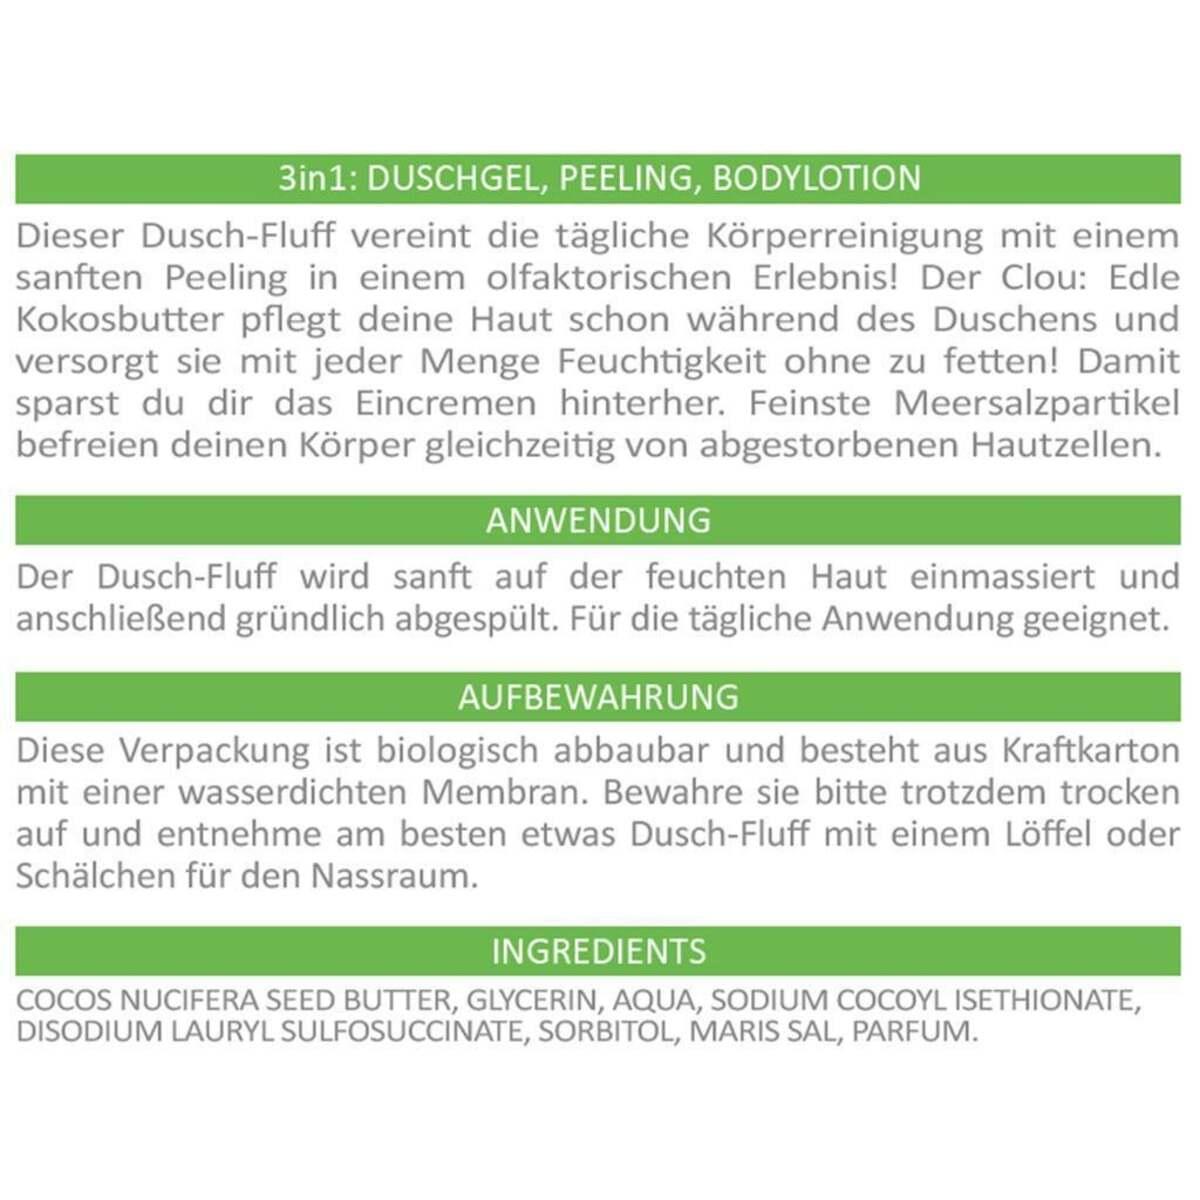 Bild 2 von puremetics 3in1 Dusch-Fluff ´´Limette´´ mit Salzpeeling 5.18 EUR/100 g